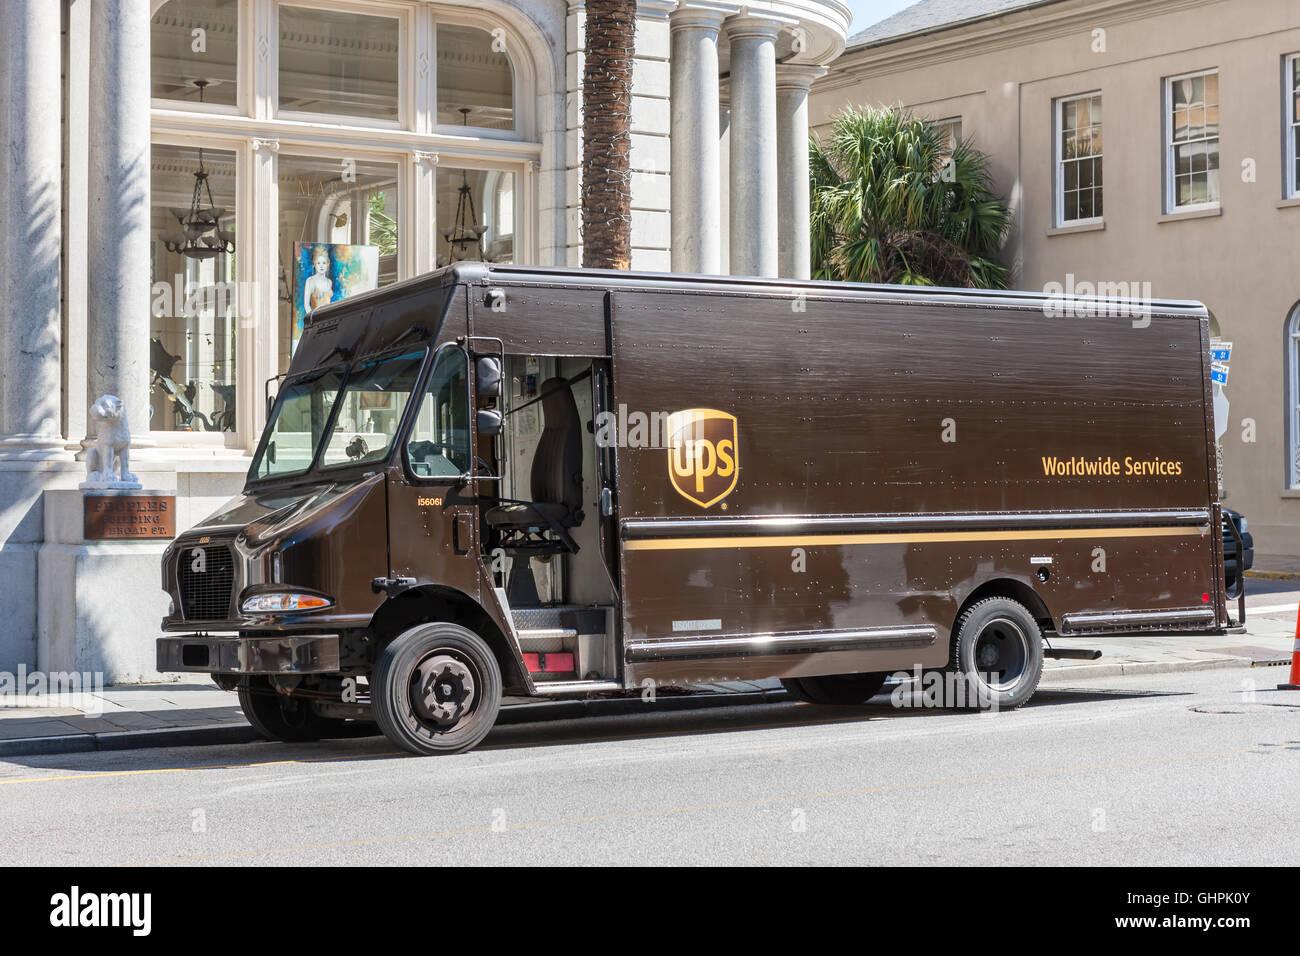 Un ups carrello effettua una distribuzione locale a Charleston, Carolina del Sud. Immagini Stock